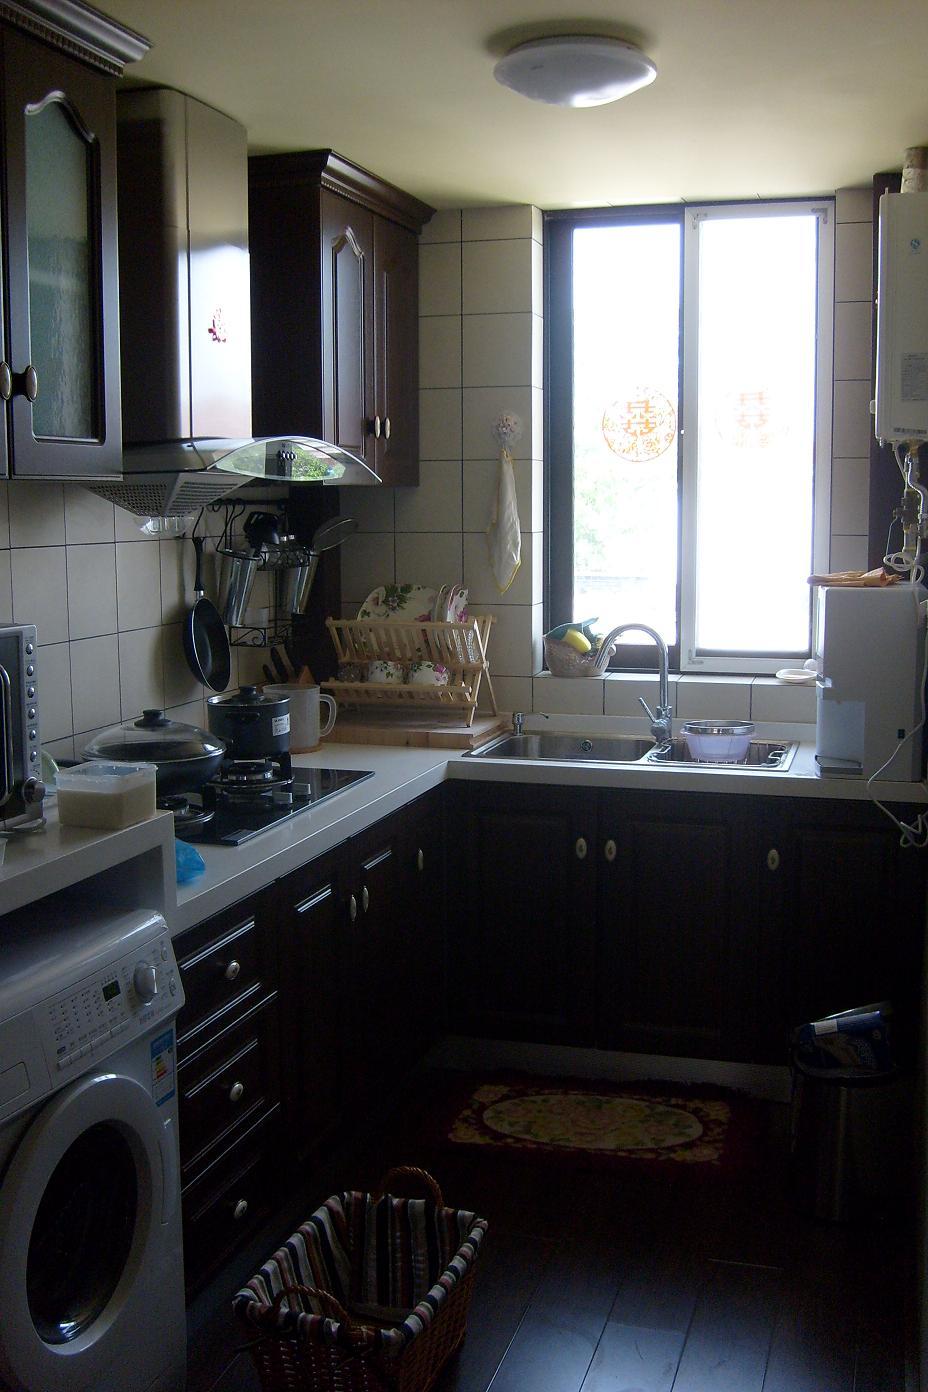 我的房子自己创意 98年多层77个平方,装修7.5w,家电5.5w,家